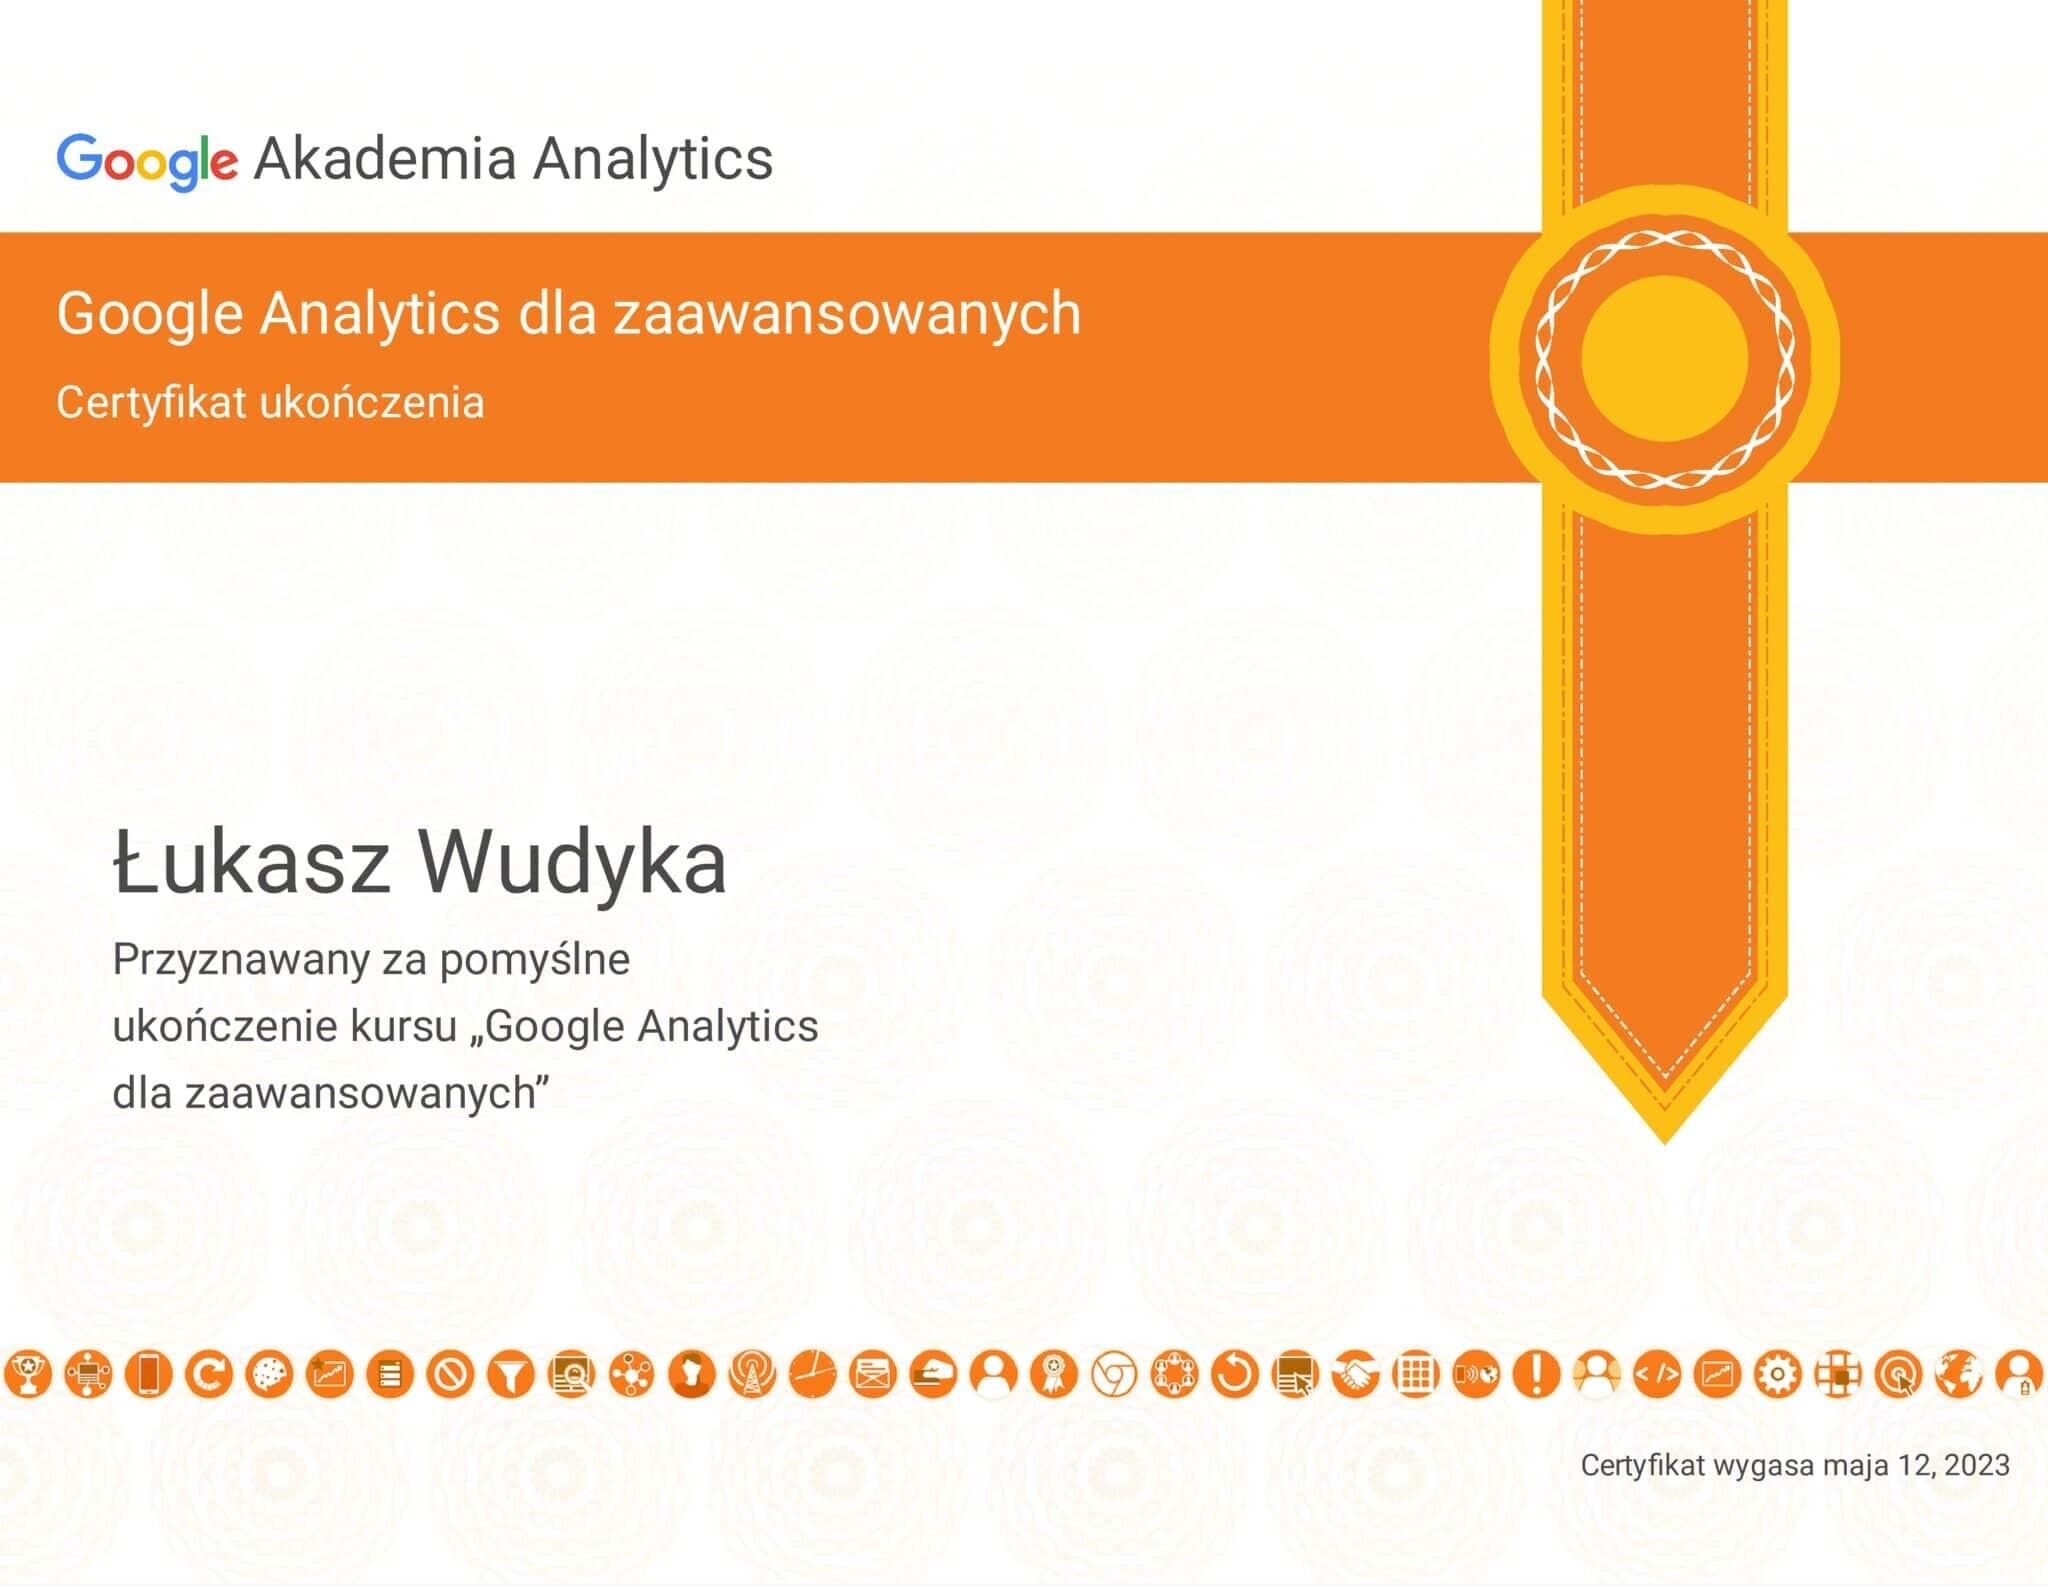 Łukasz Wudyka certyfikat Google Analytics dla zaawansowanych - Akademia Analytics